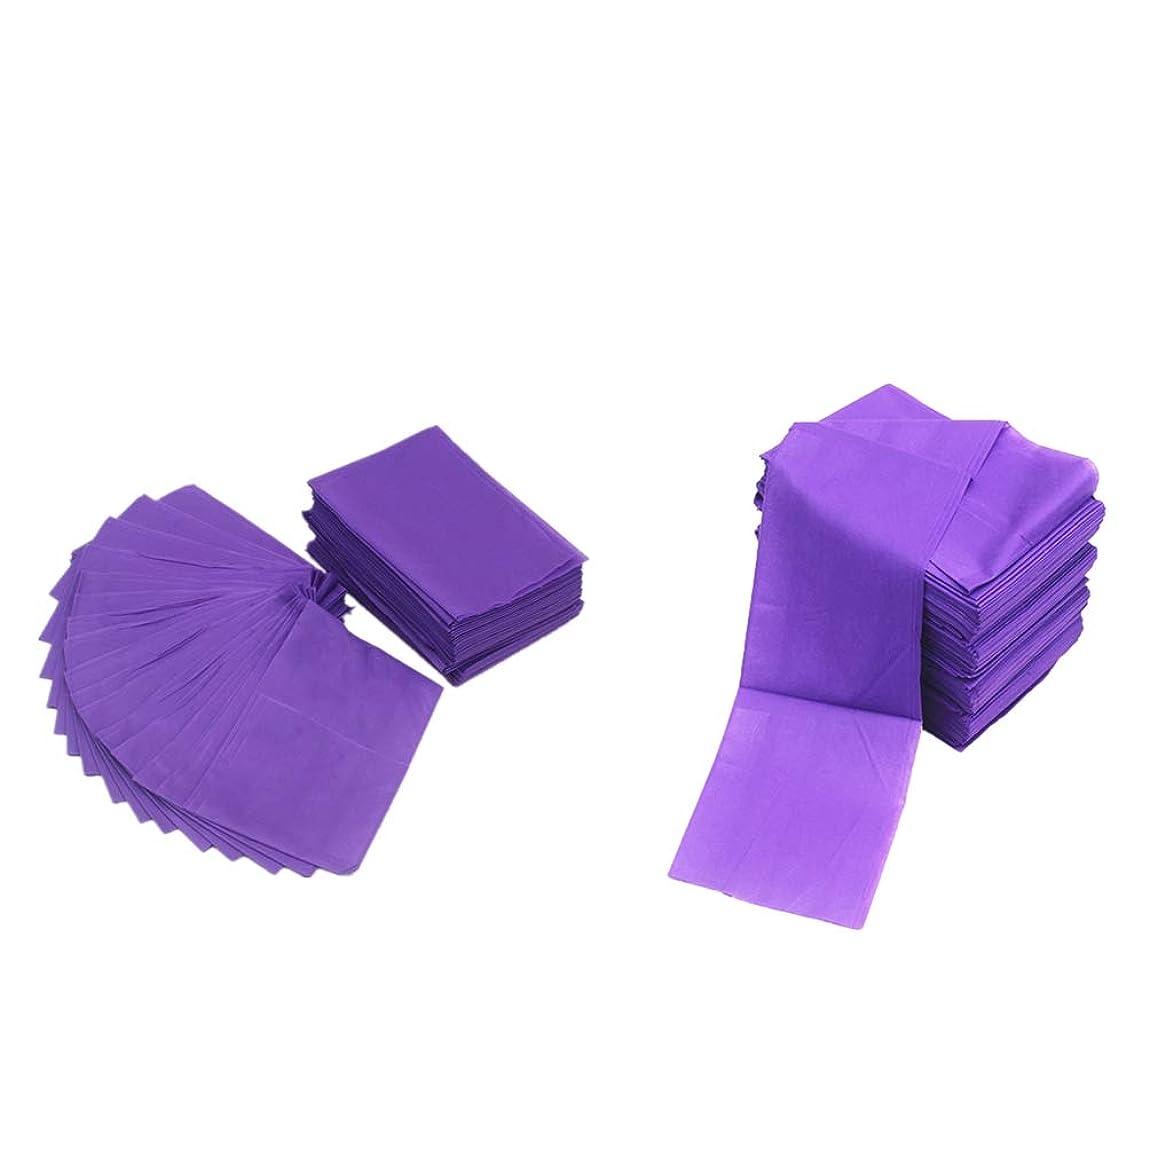 蒸発成り立つ無意味chiwanji 20ピースセット ベッドシーツ 使い捨て ベットシート 厚さ ビューティーサロン マッサージサロン